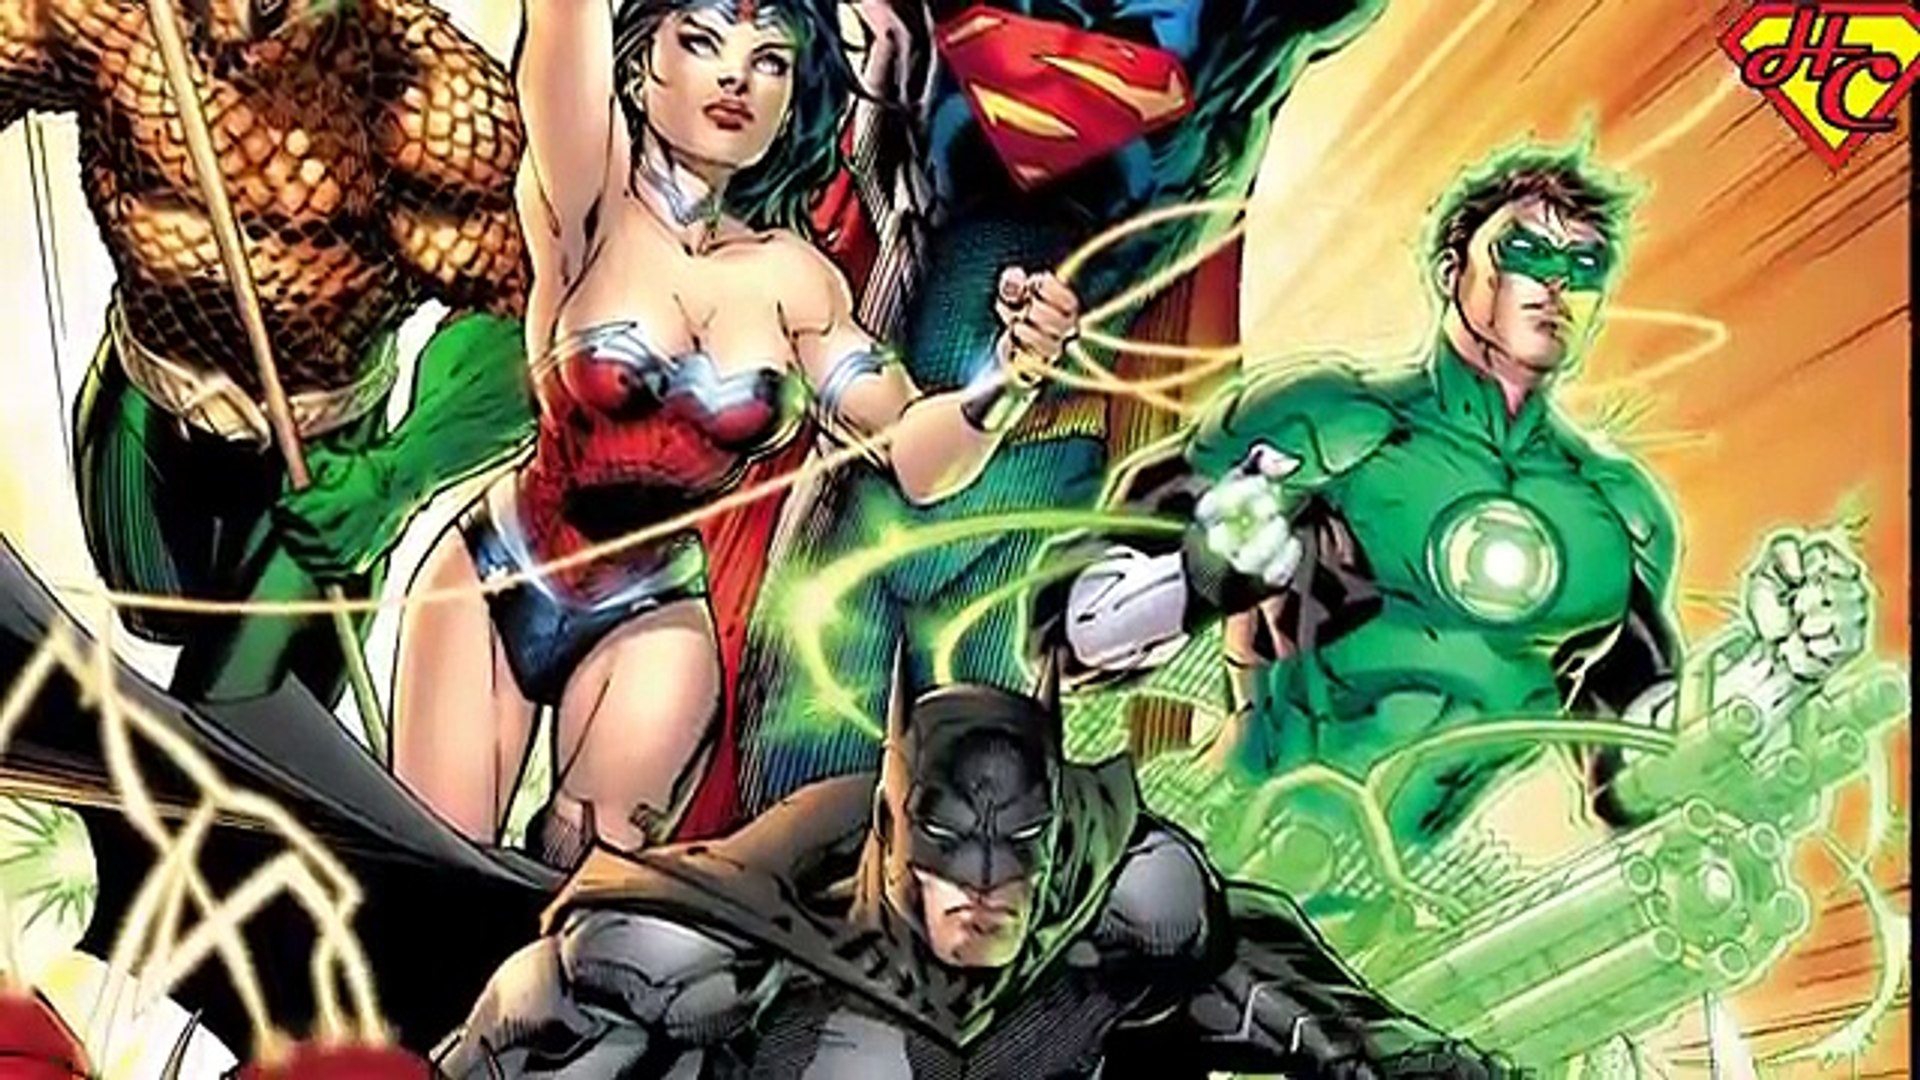 Лига Справедливости. Происхождение. New 52.Justice league. Origin.New 52